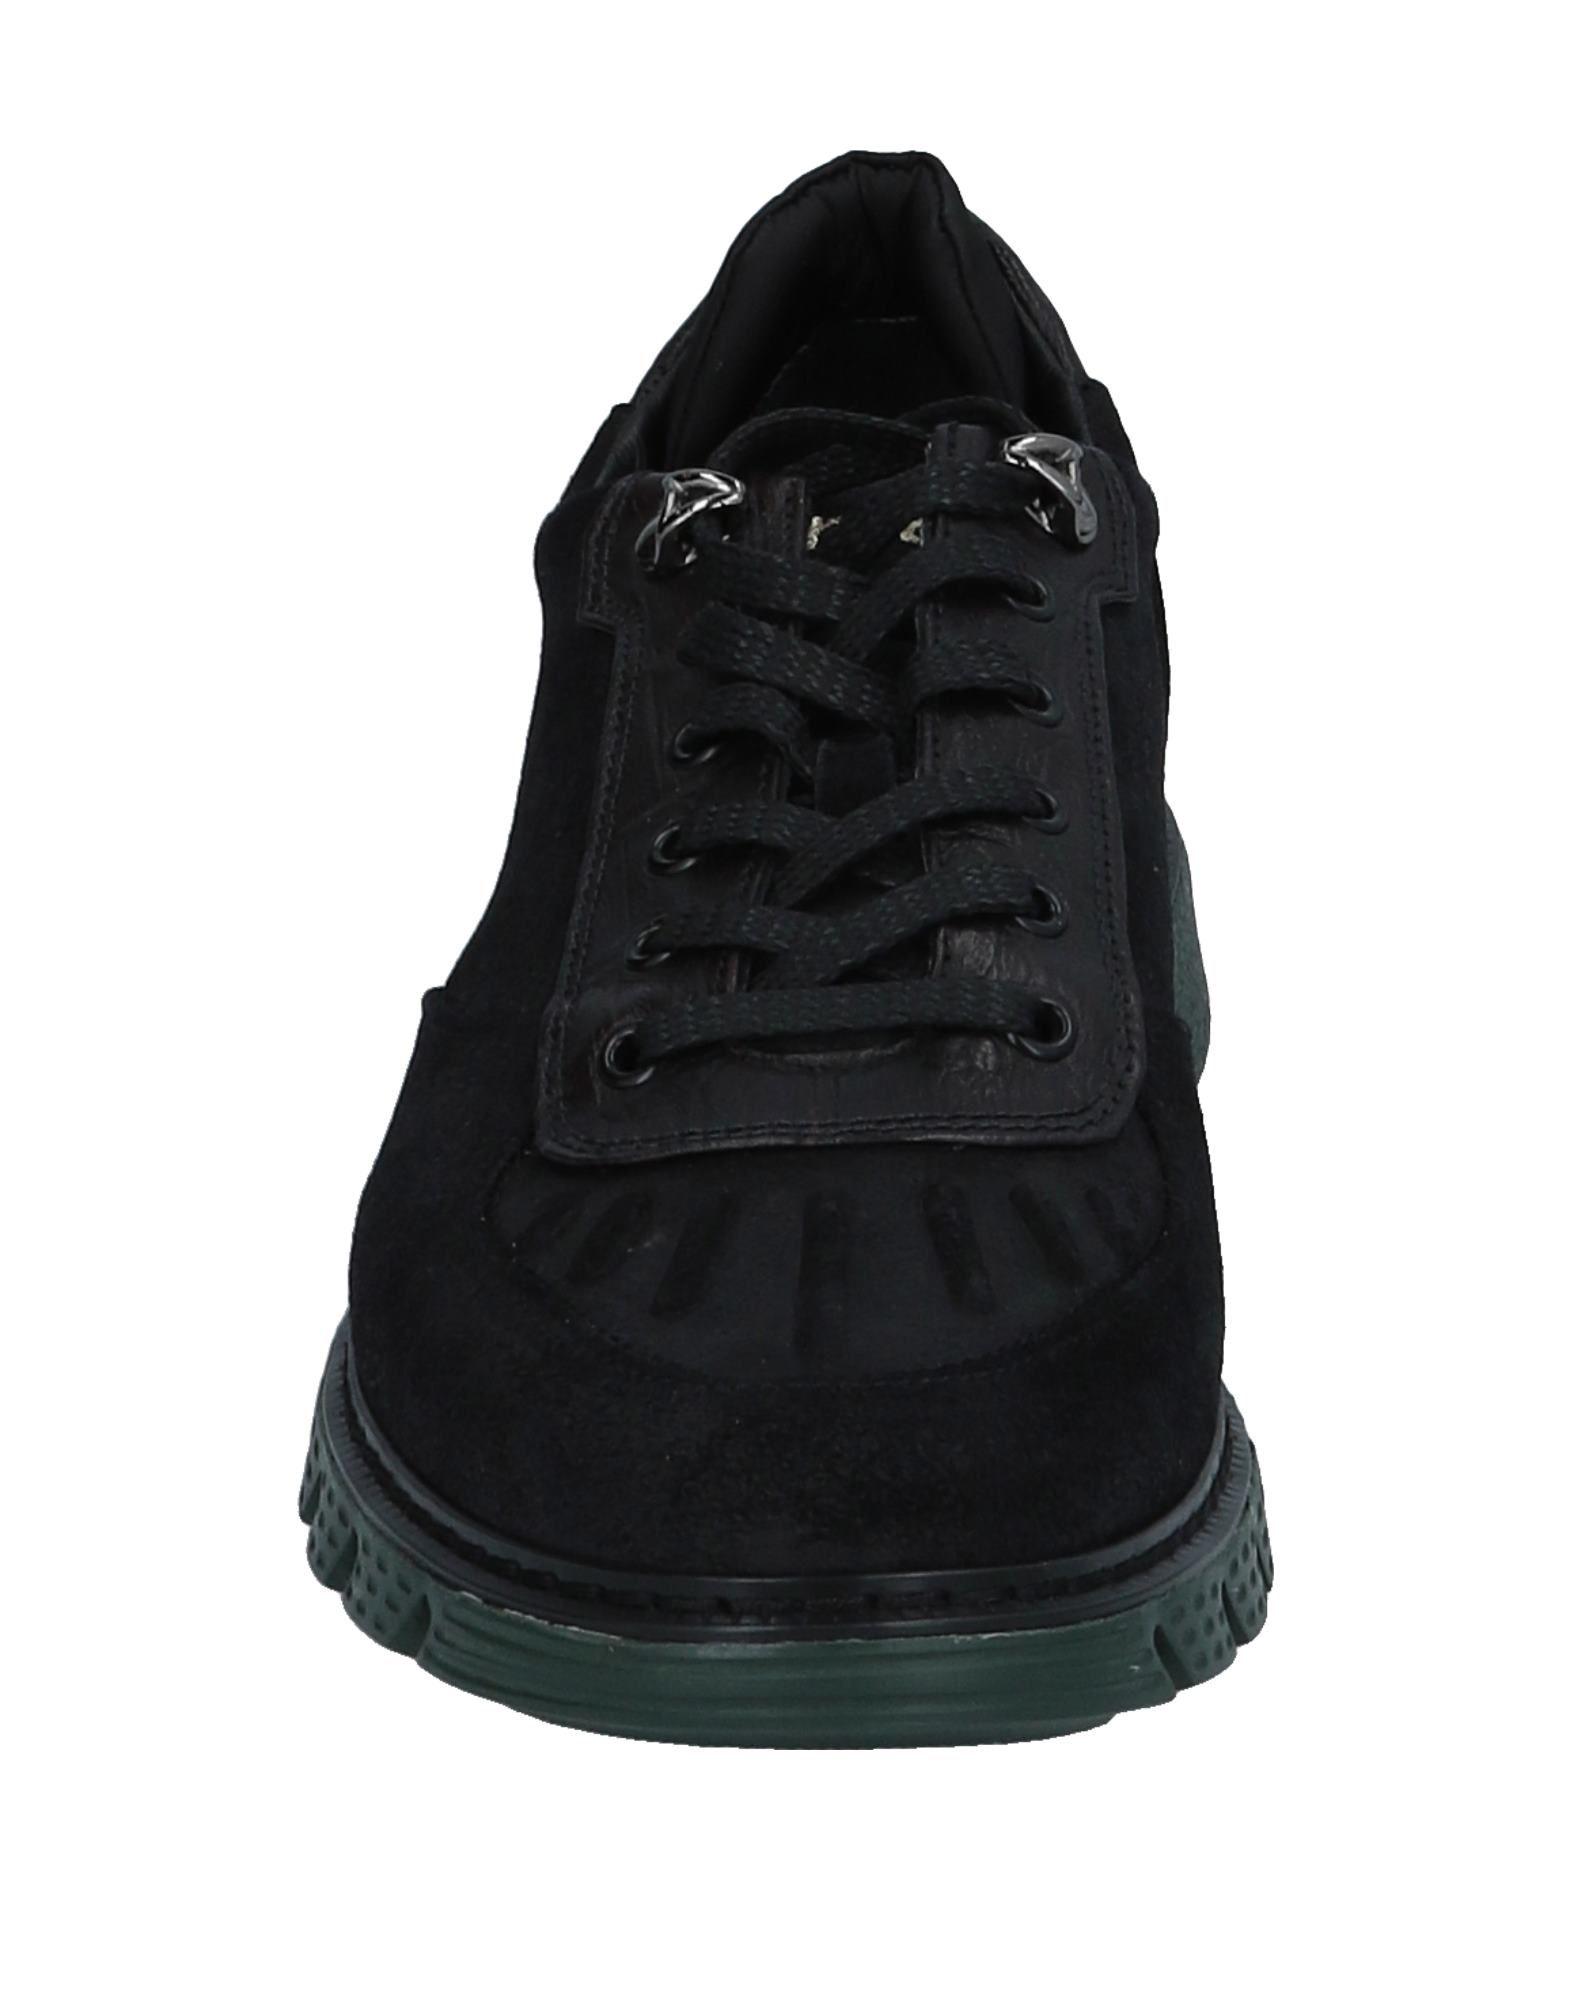 Barracuda Sneakers Herren Gutes sich Preis-Leistungs-Verhältnis, es lohnt sich Gutes af82f5